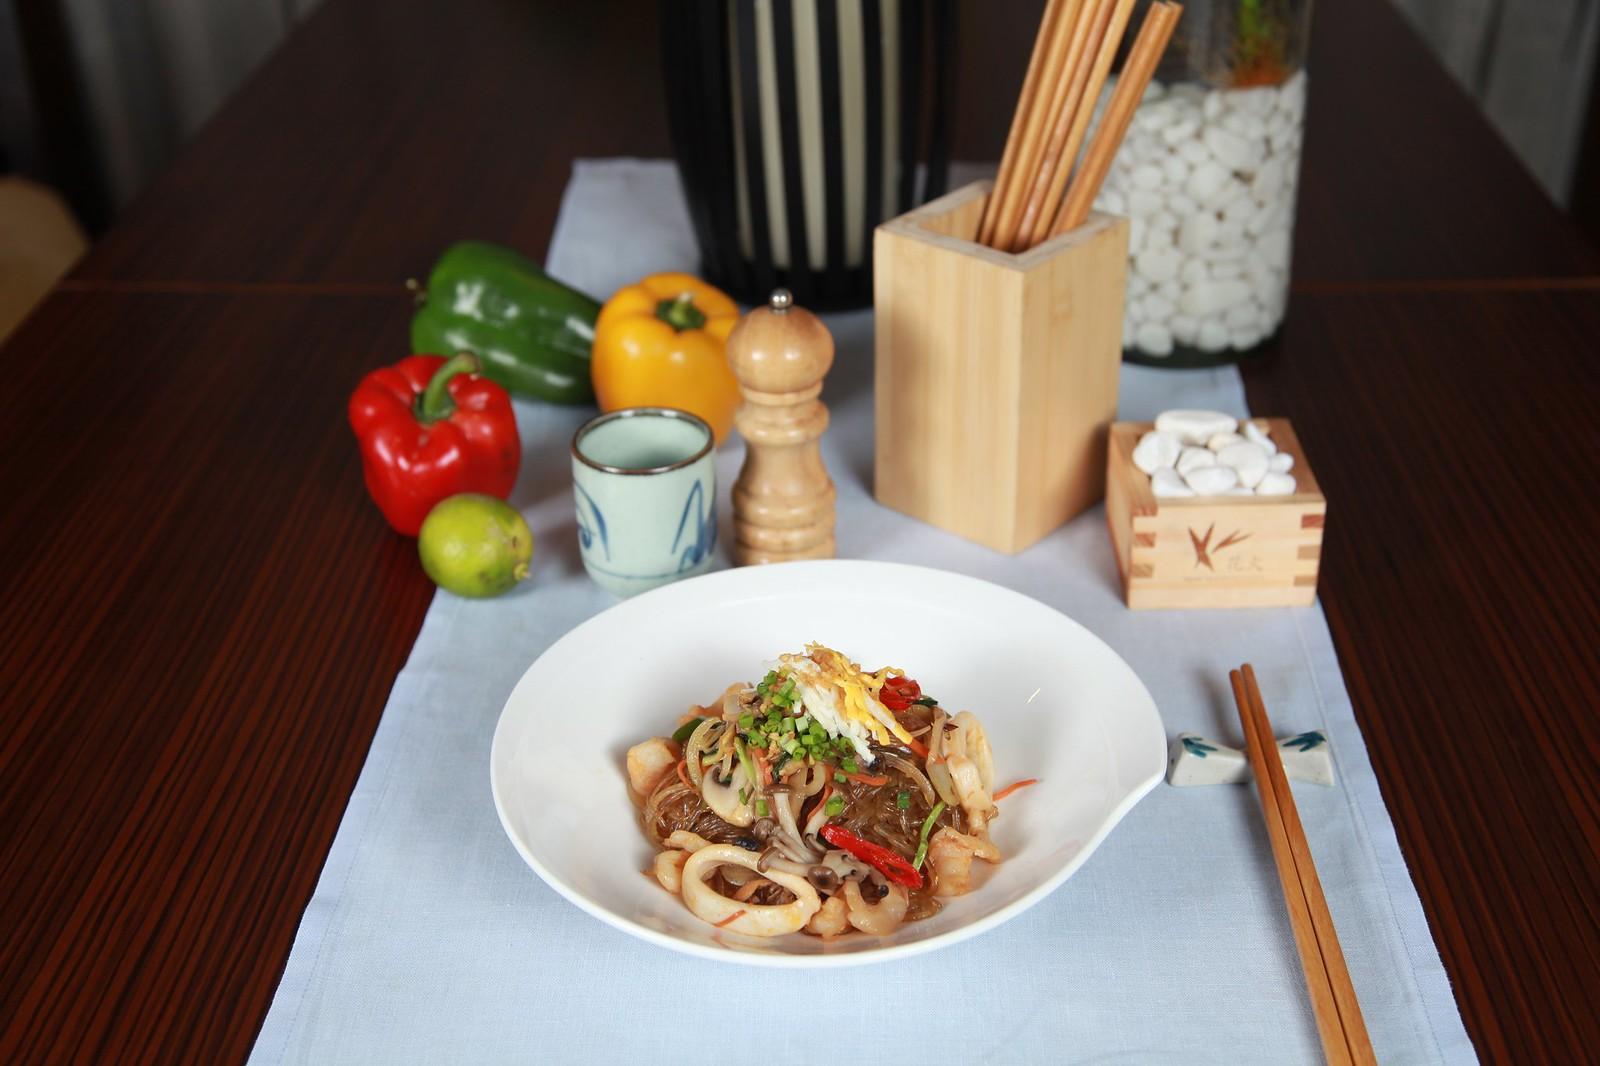 filipino-cuisine-2098009